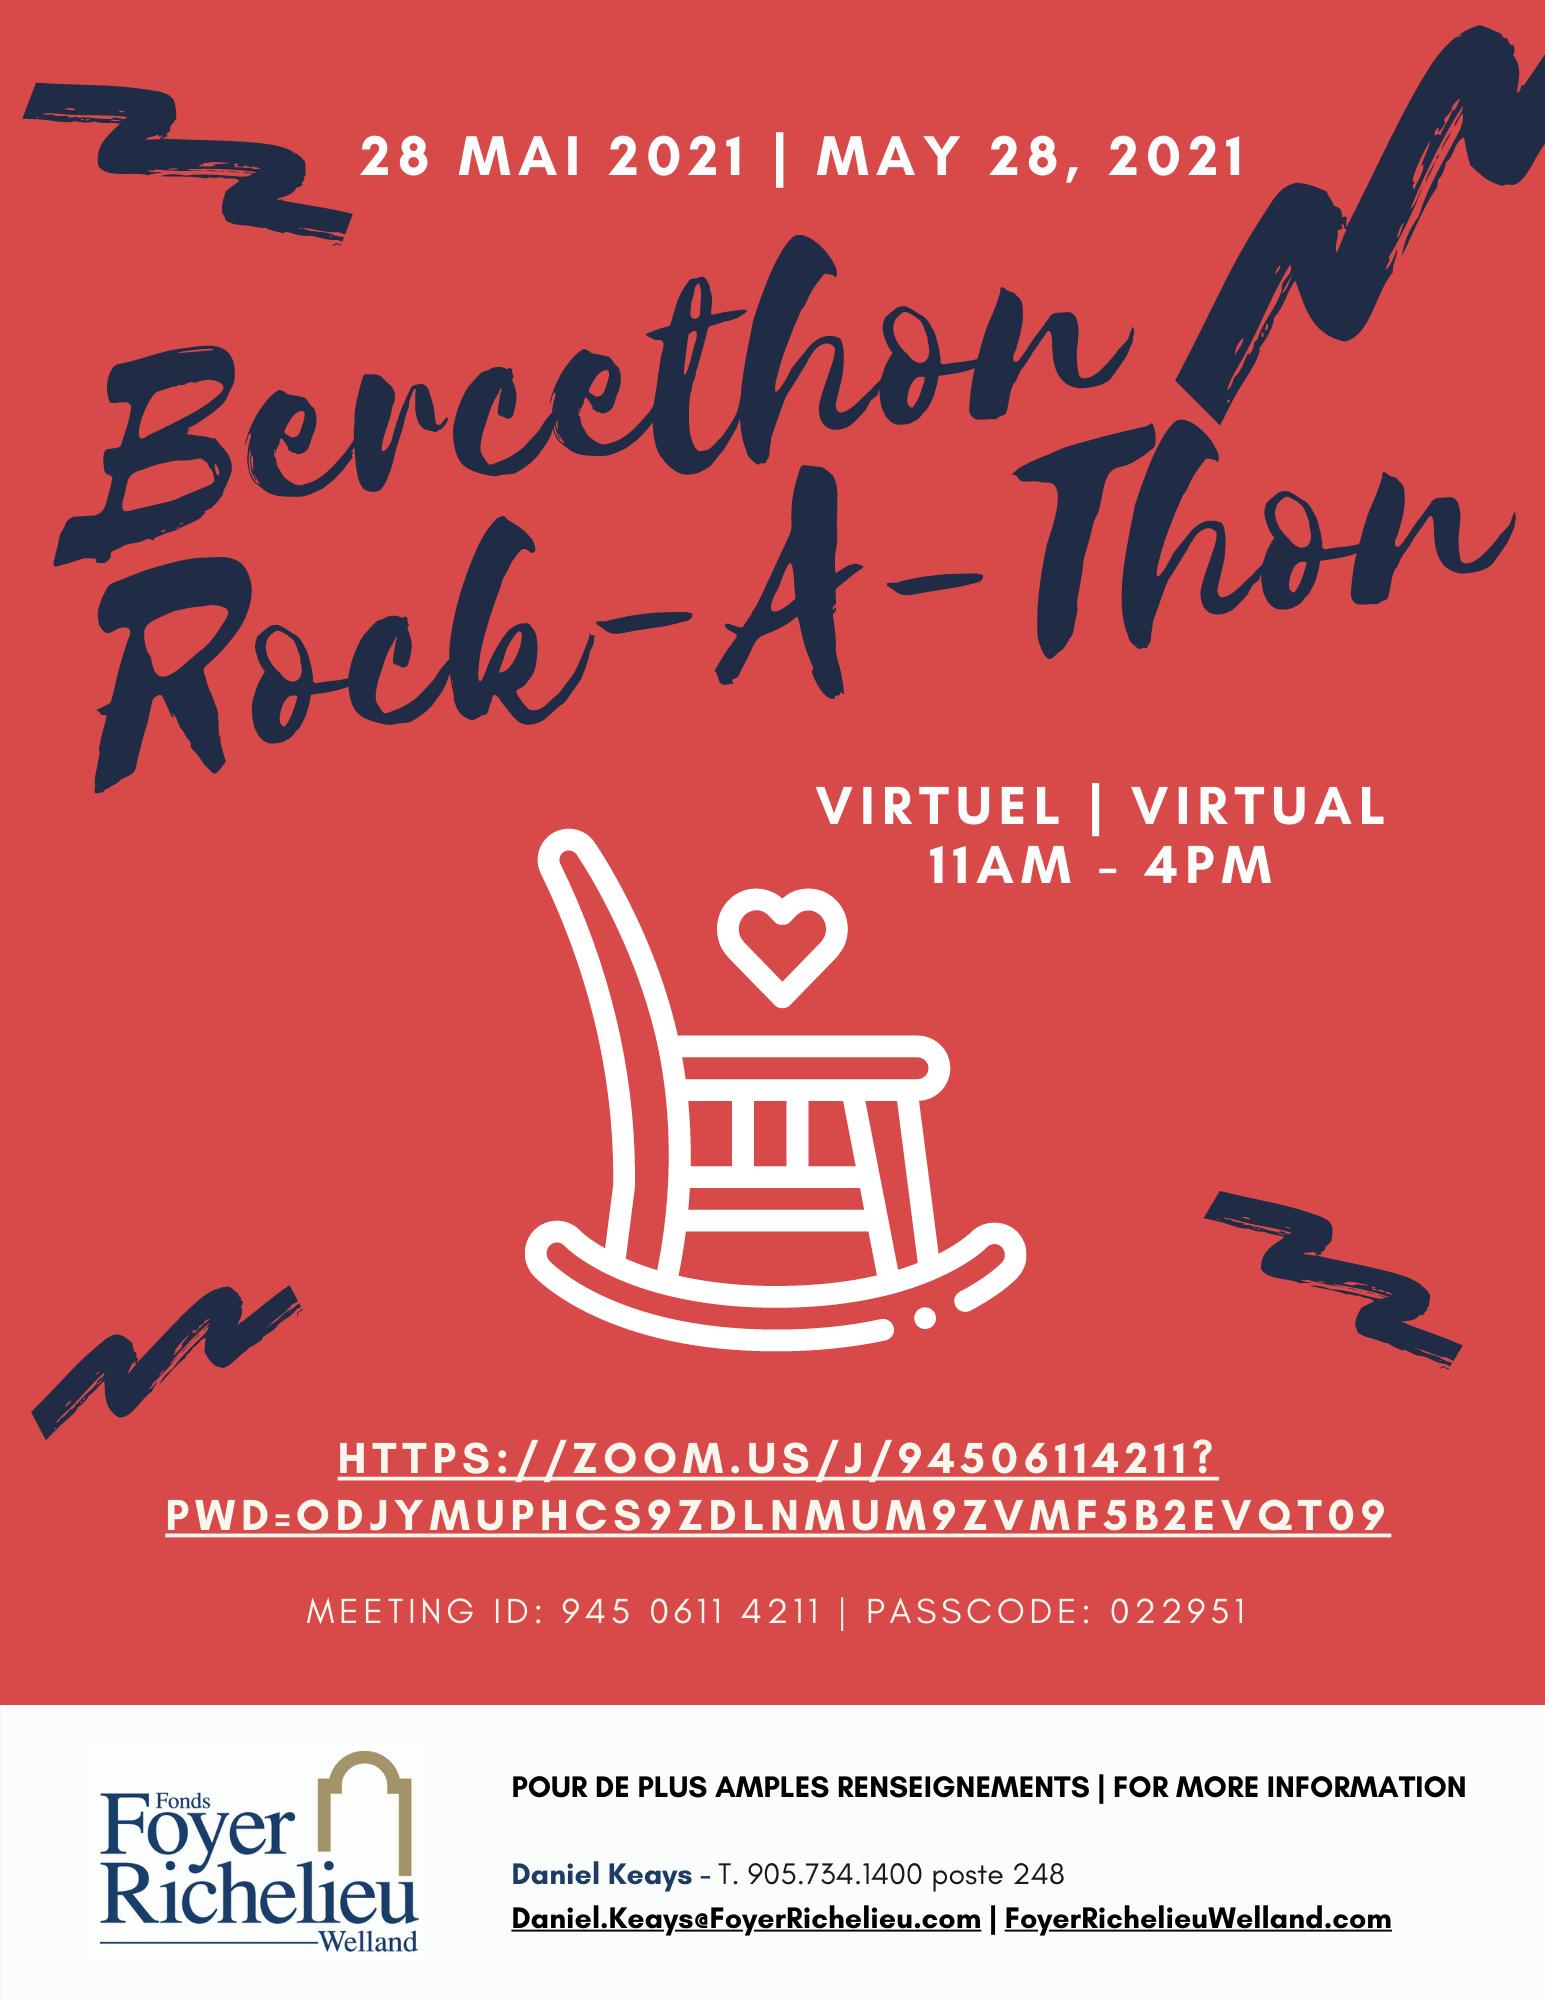 Virtual Rock-A-Thon